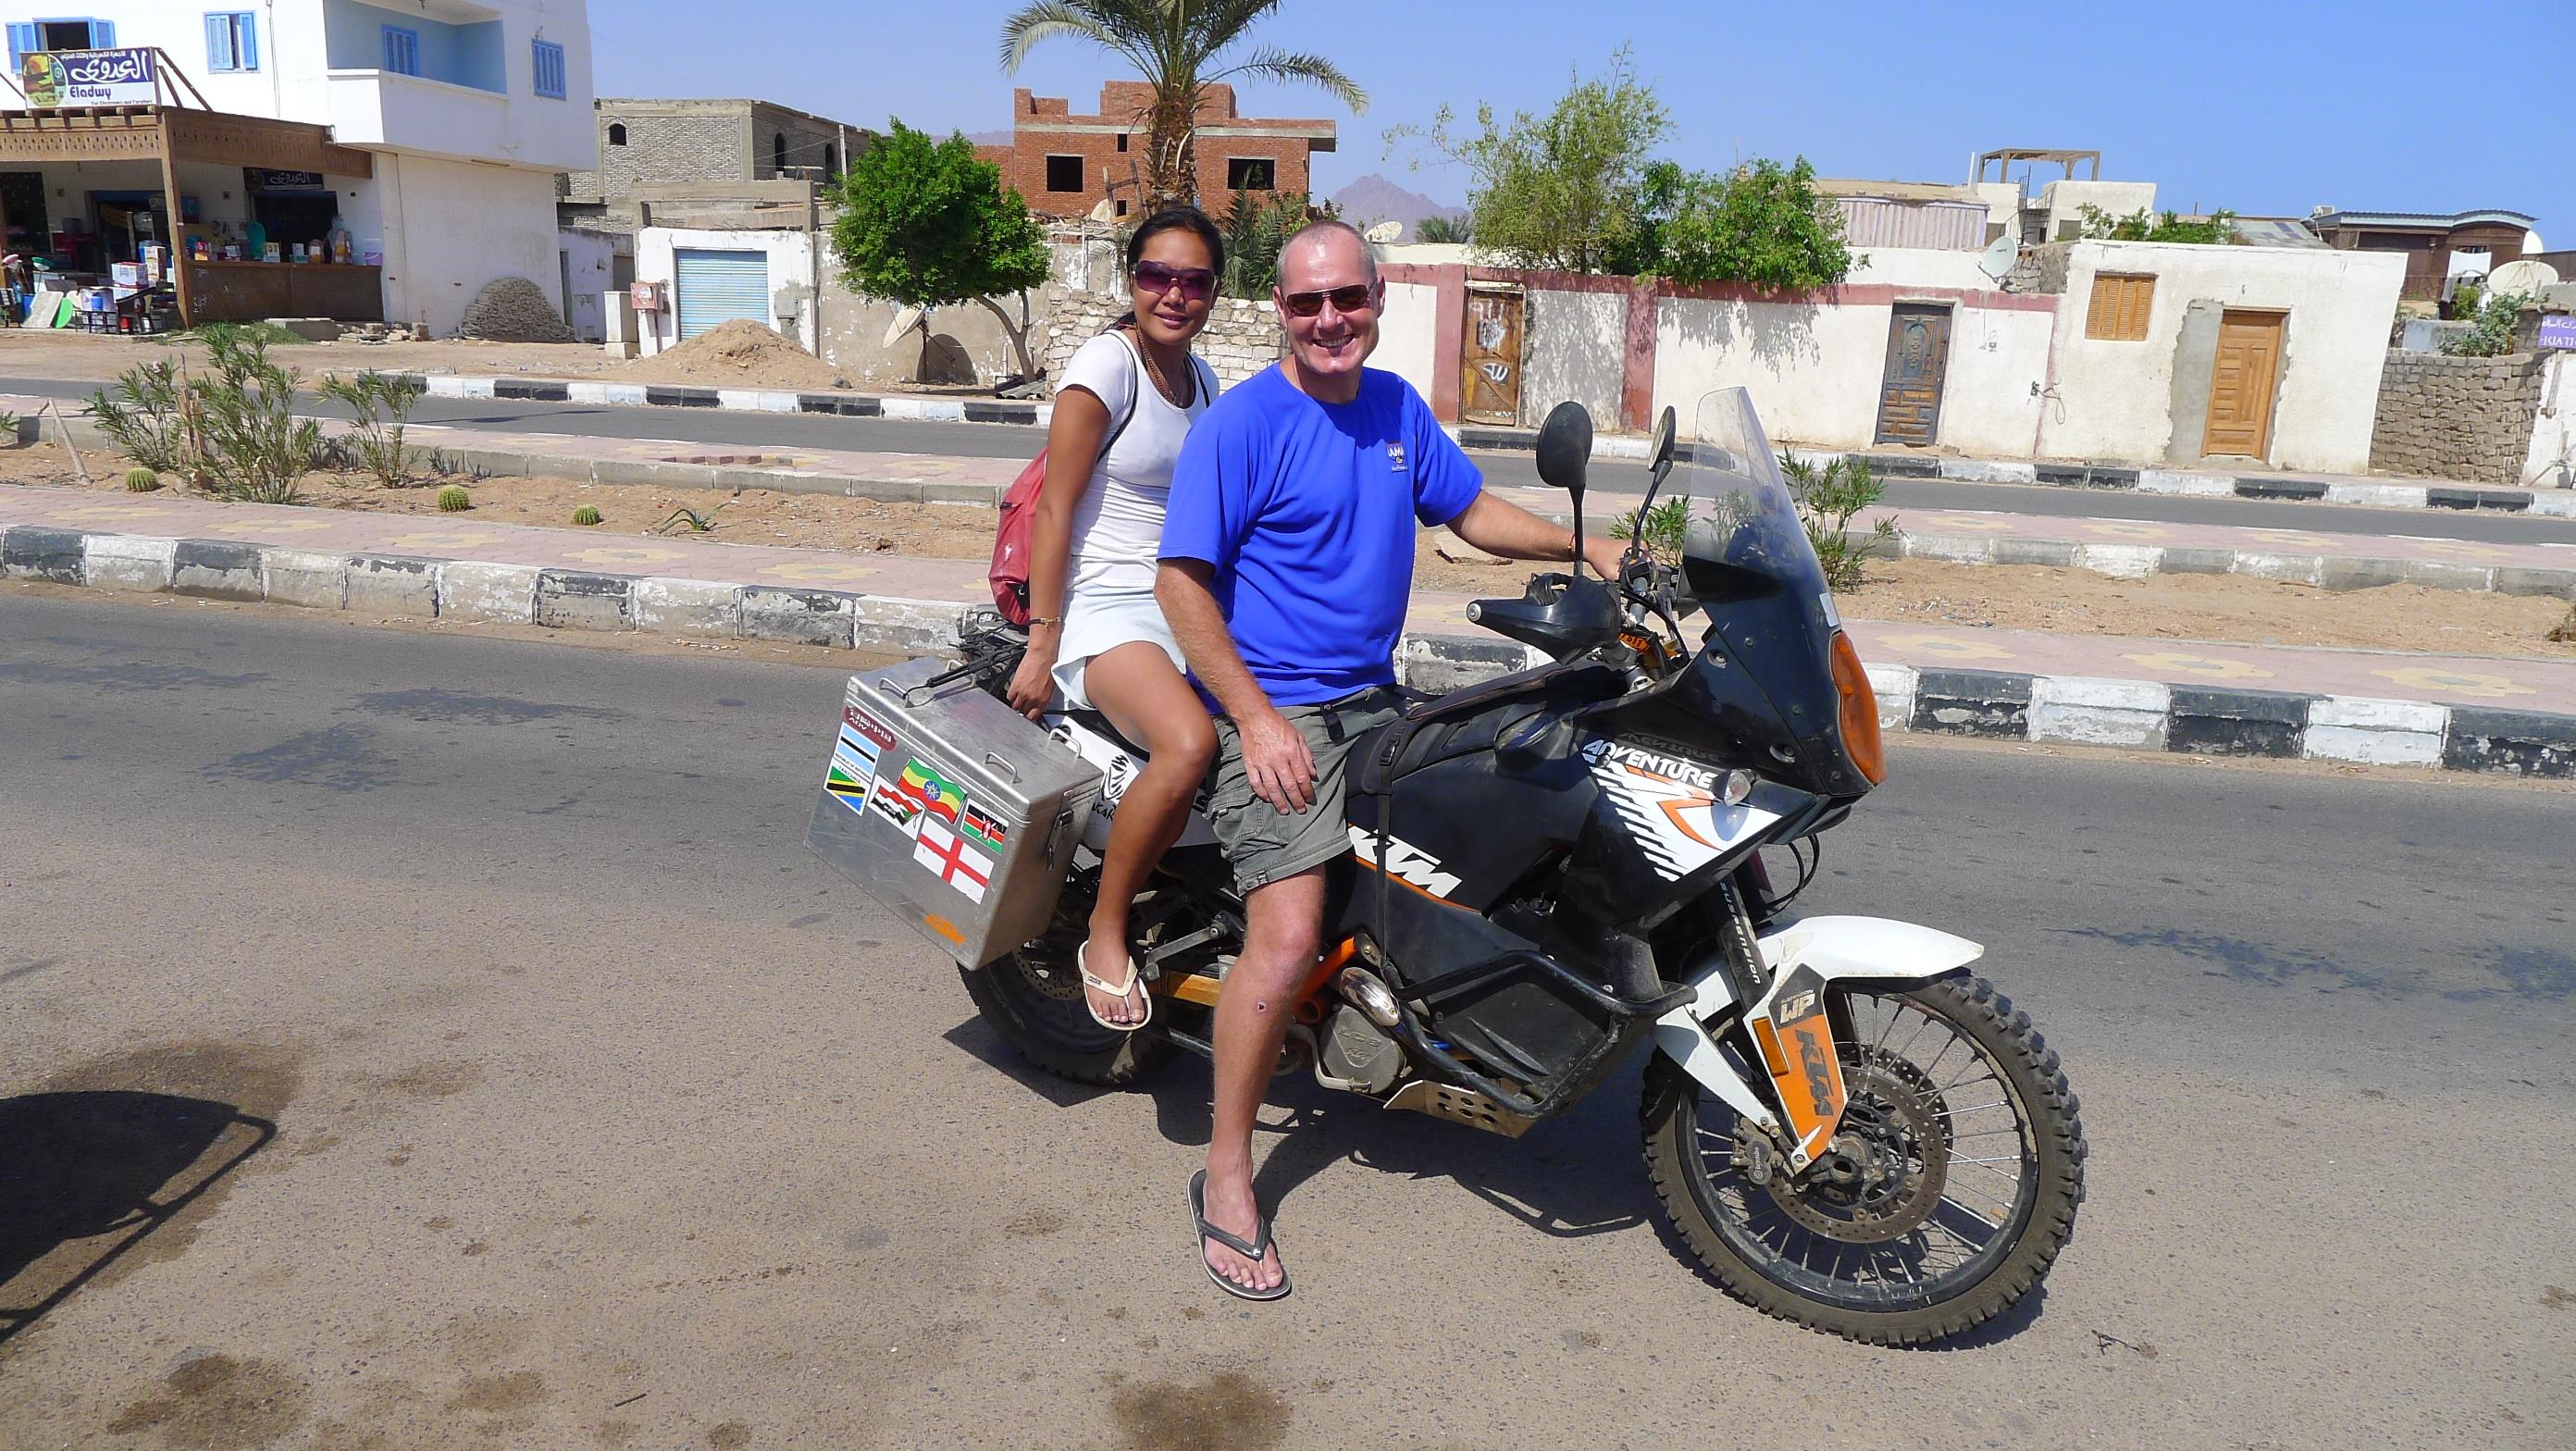 Fanny and I riding around Dahab